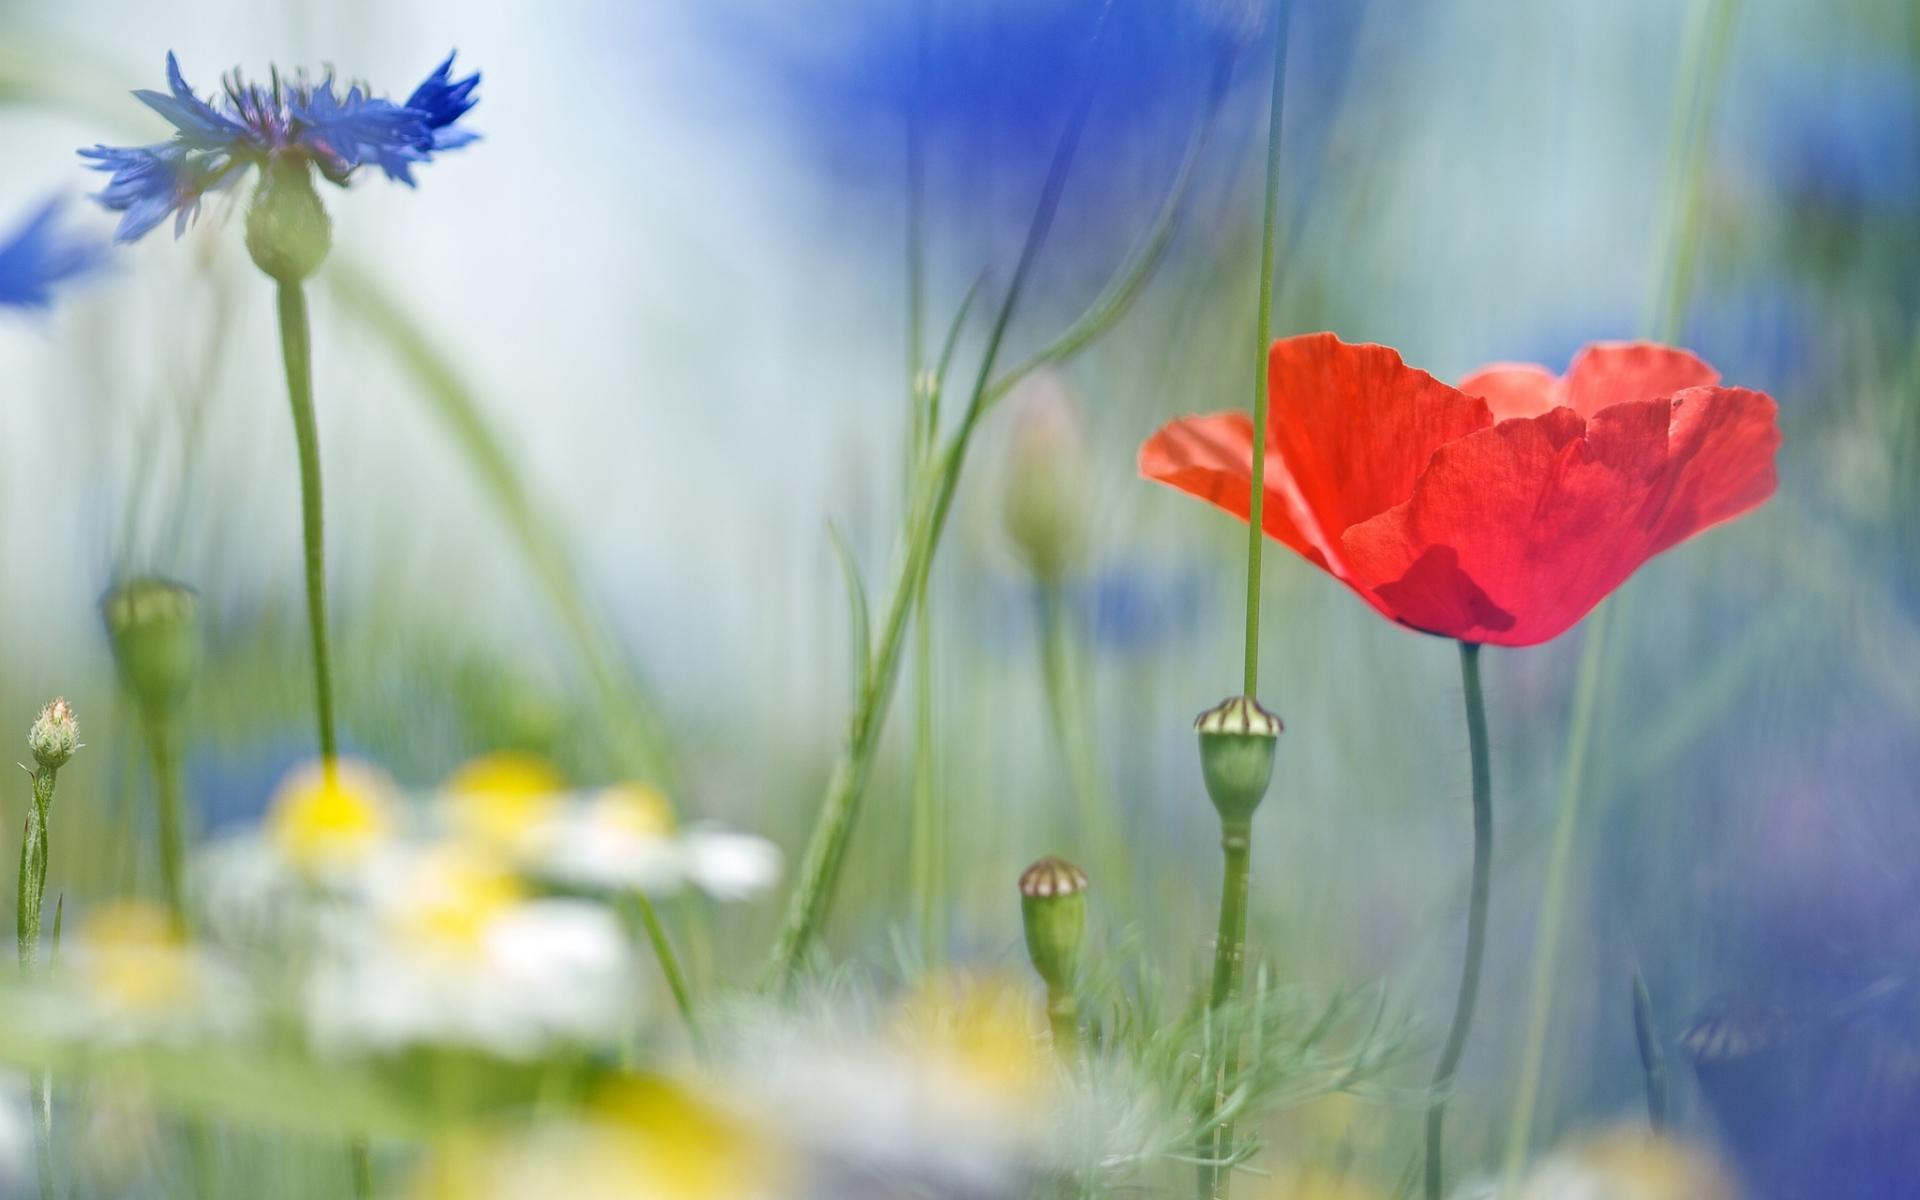 24294 скачать обои Растения, Цветы, Маки - заставки и картинки бесплатно